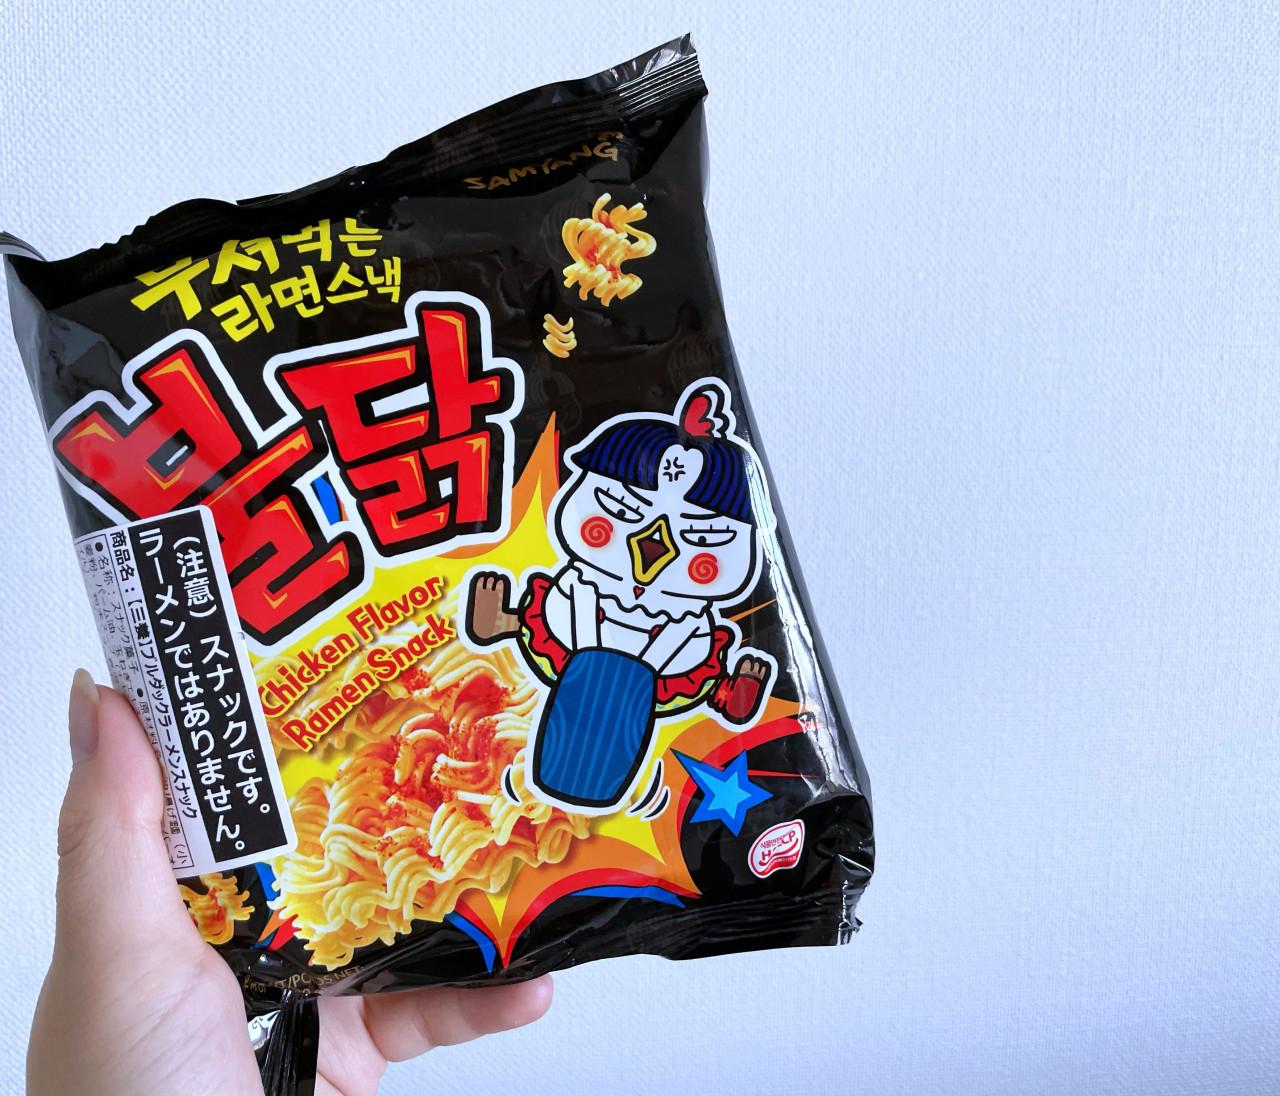 【KALDI】辛いもの好きに是非!あの激辛麺がお菓子になった。